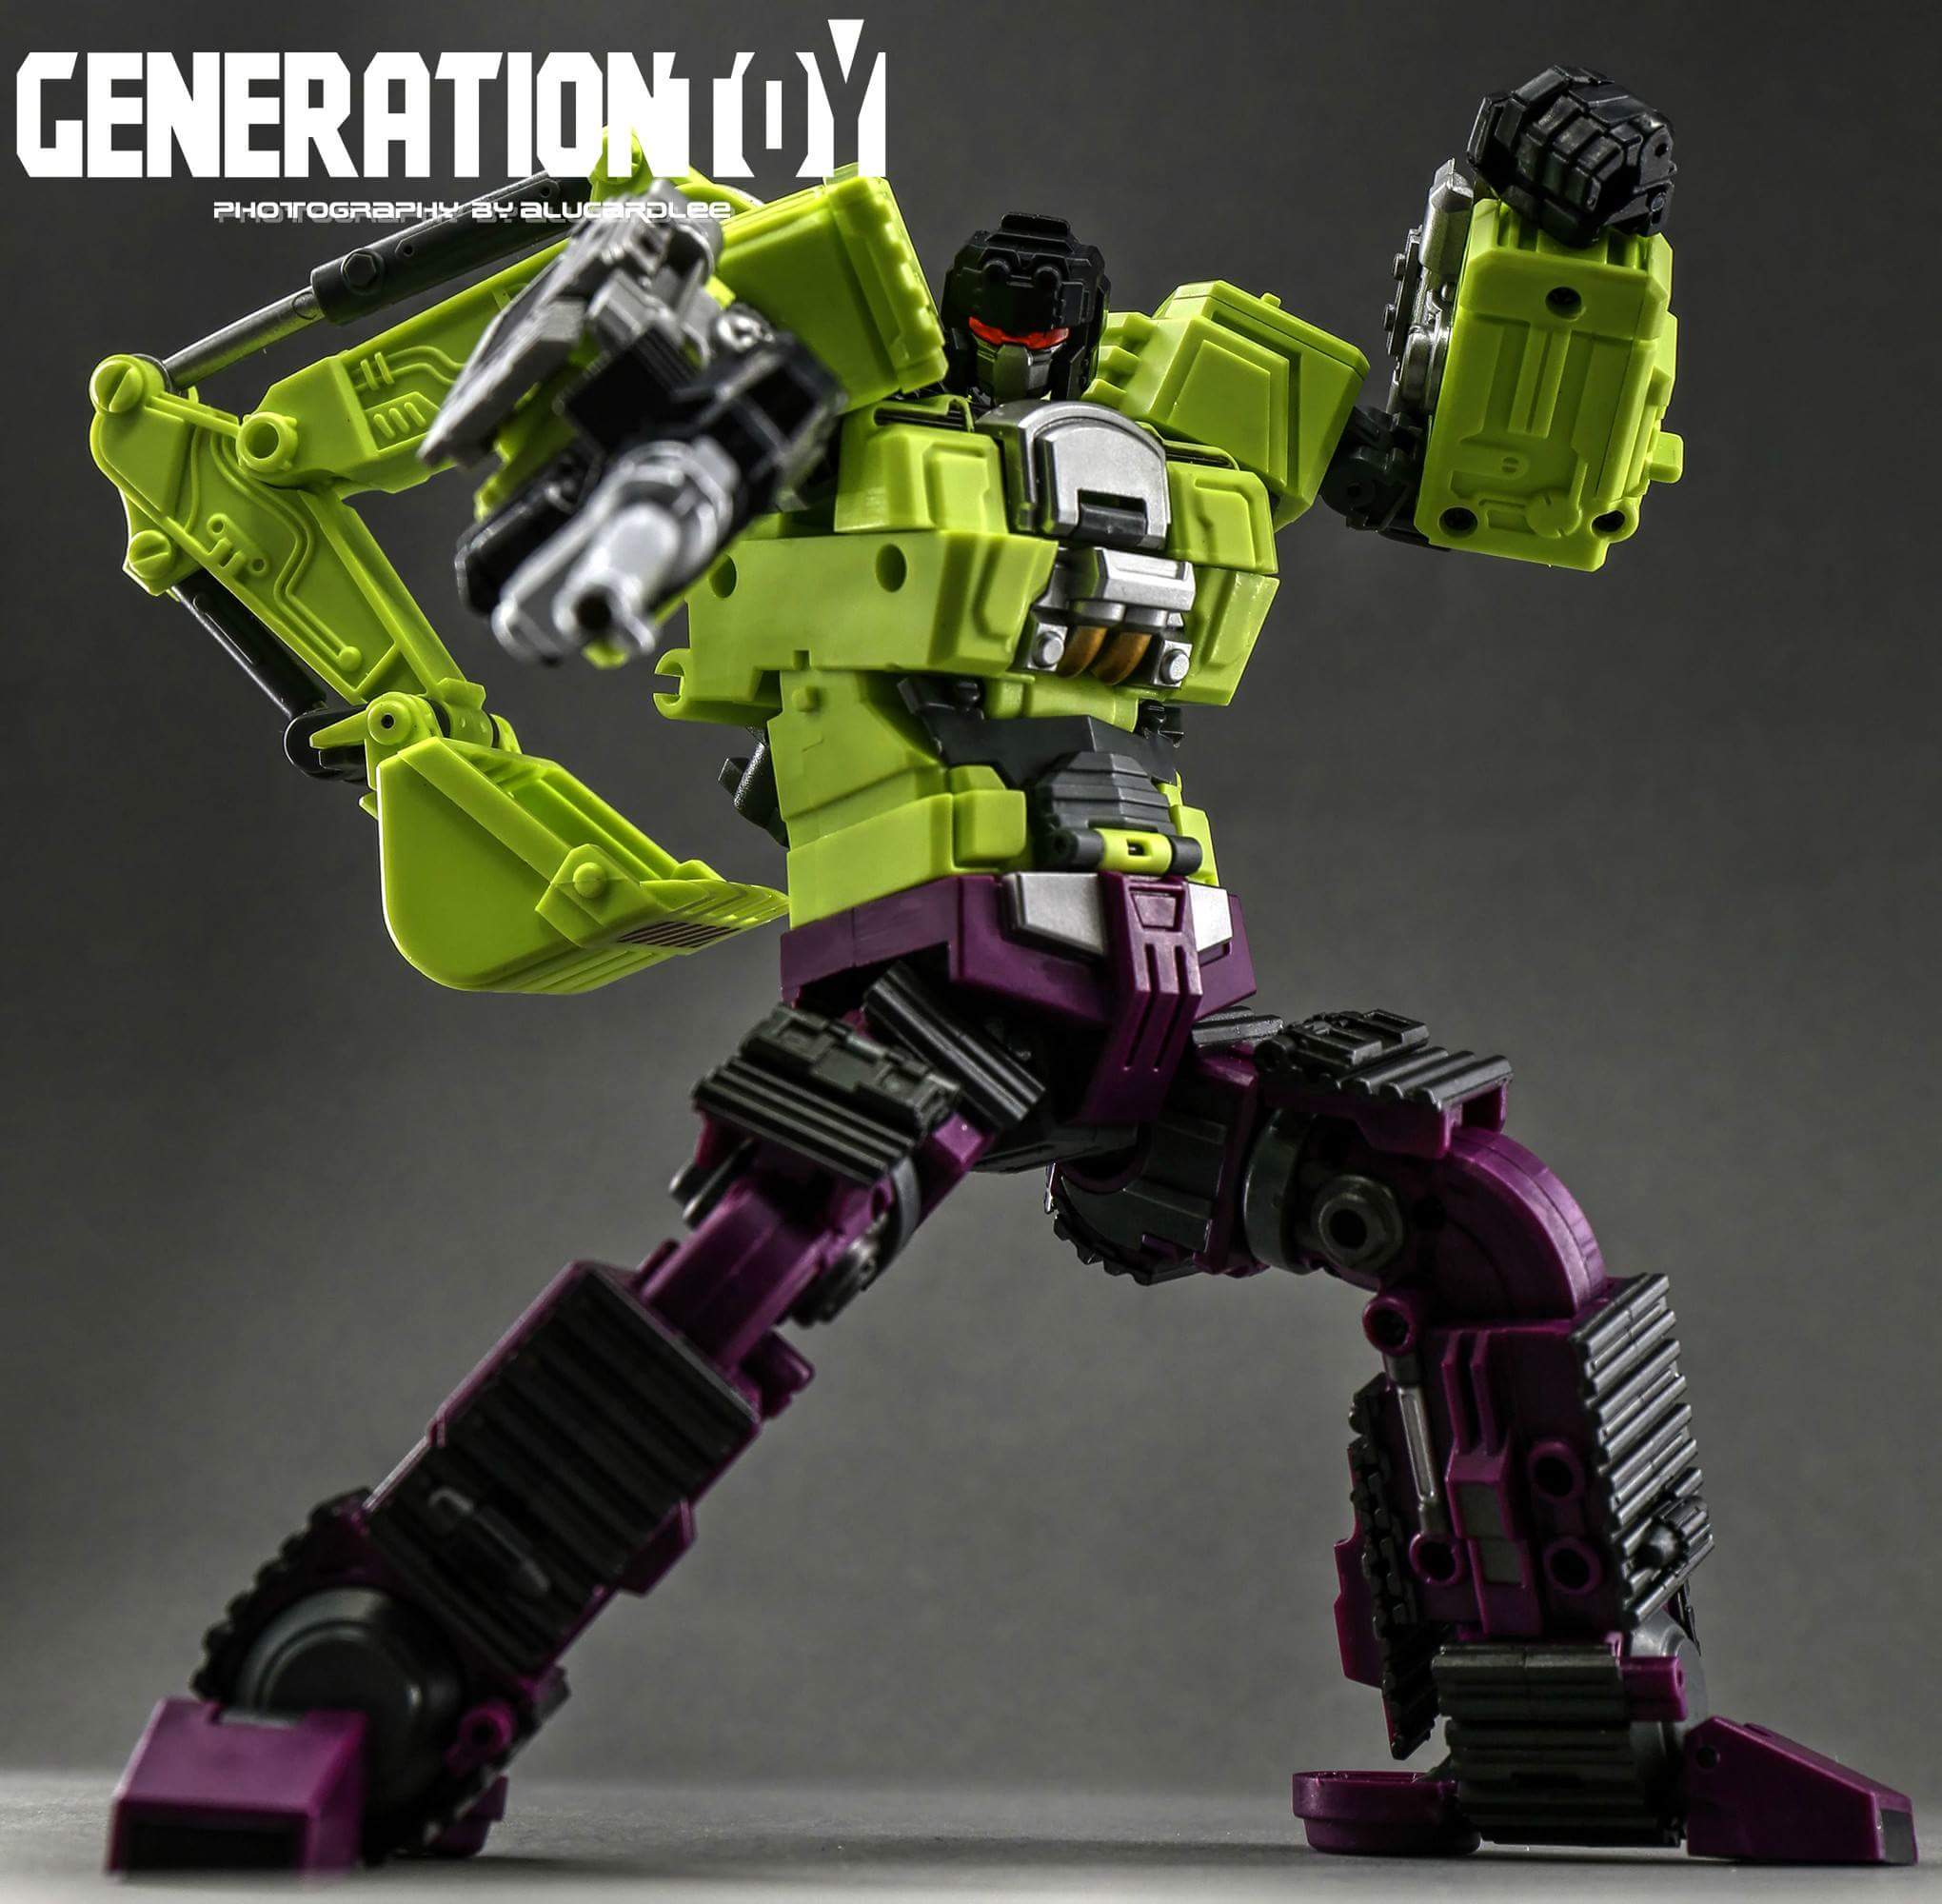 [Generation Toy] Produit Tiers - Jouet GT-01 Gravity Builder - aka Devastator/Dévastateur - Page 3 E0OQmwKp